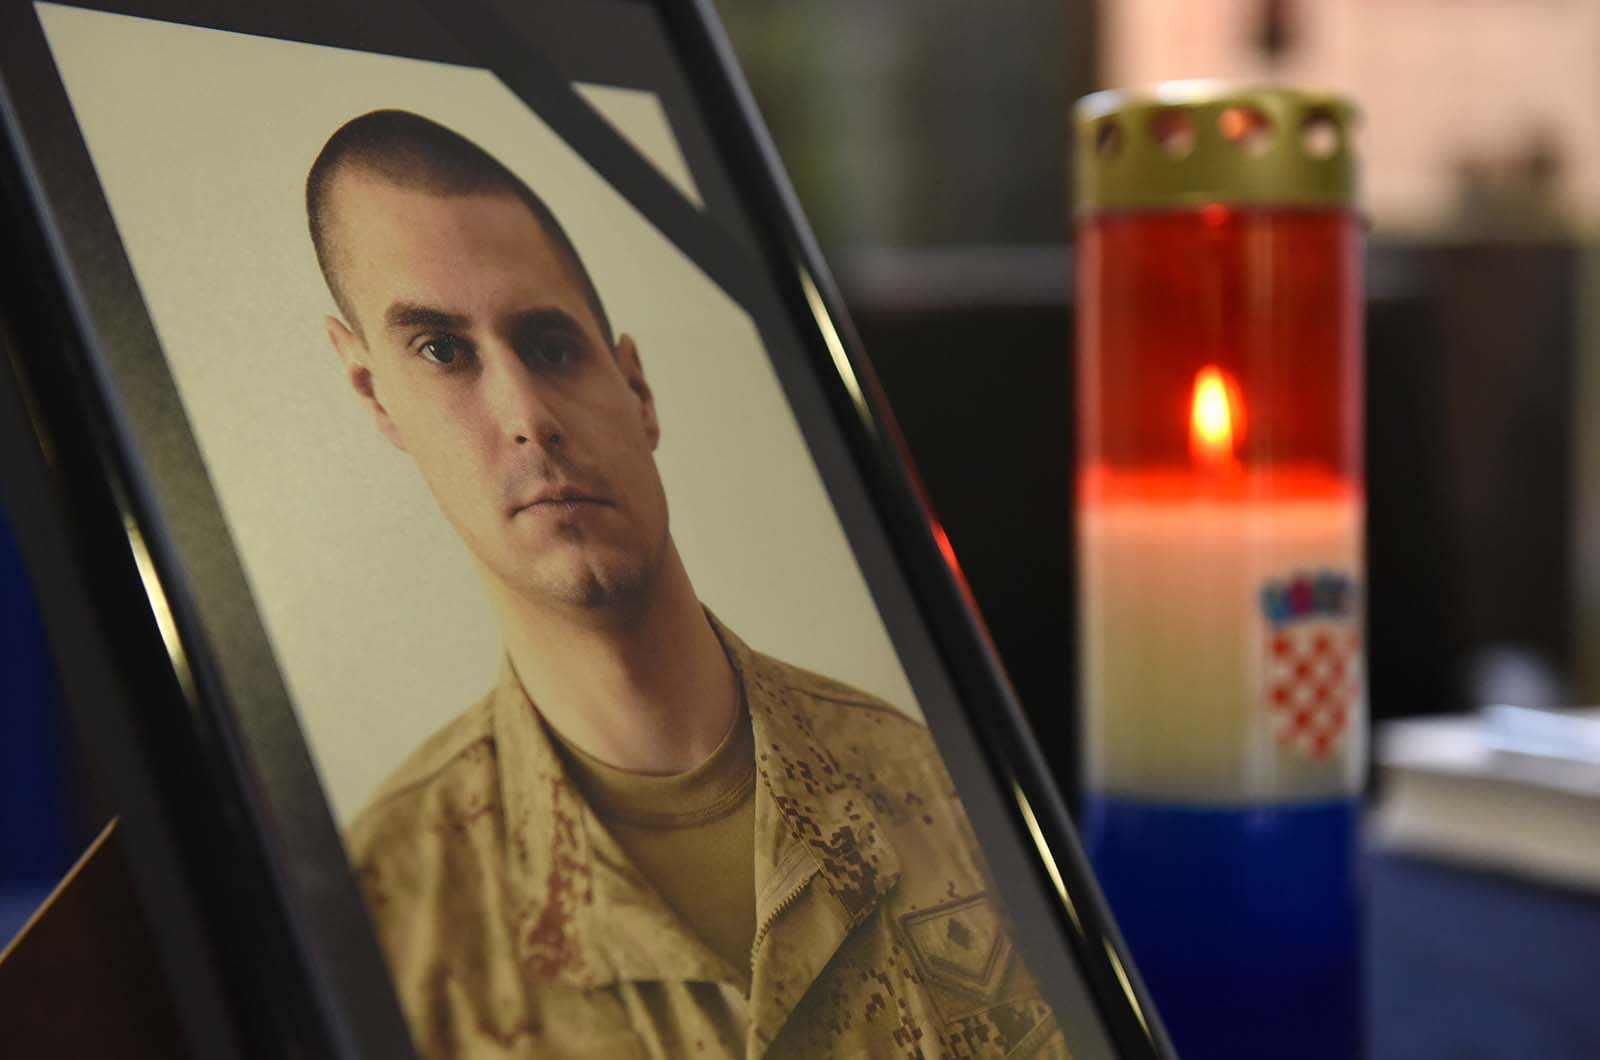 Zamolba obitelji poginuloga hrvatskog vojnika Josipa Briškog: Posljednji ispraćaj u krugu obitelji i prijatelja, bez medija